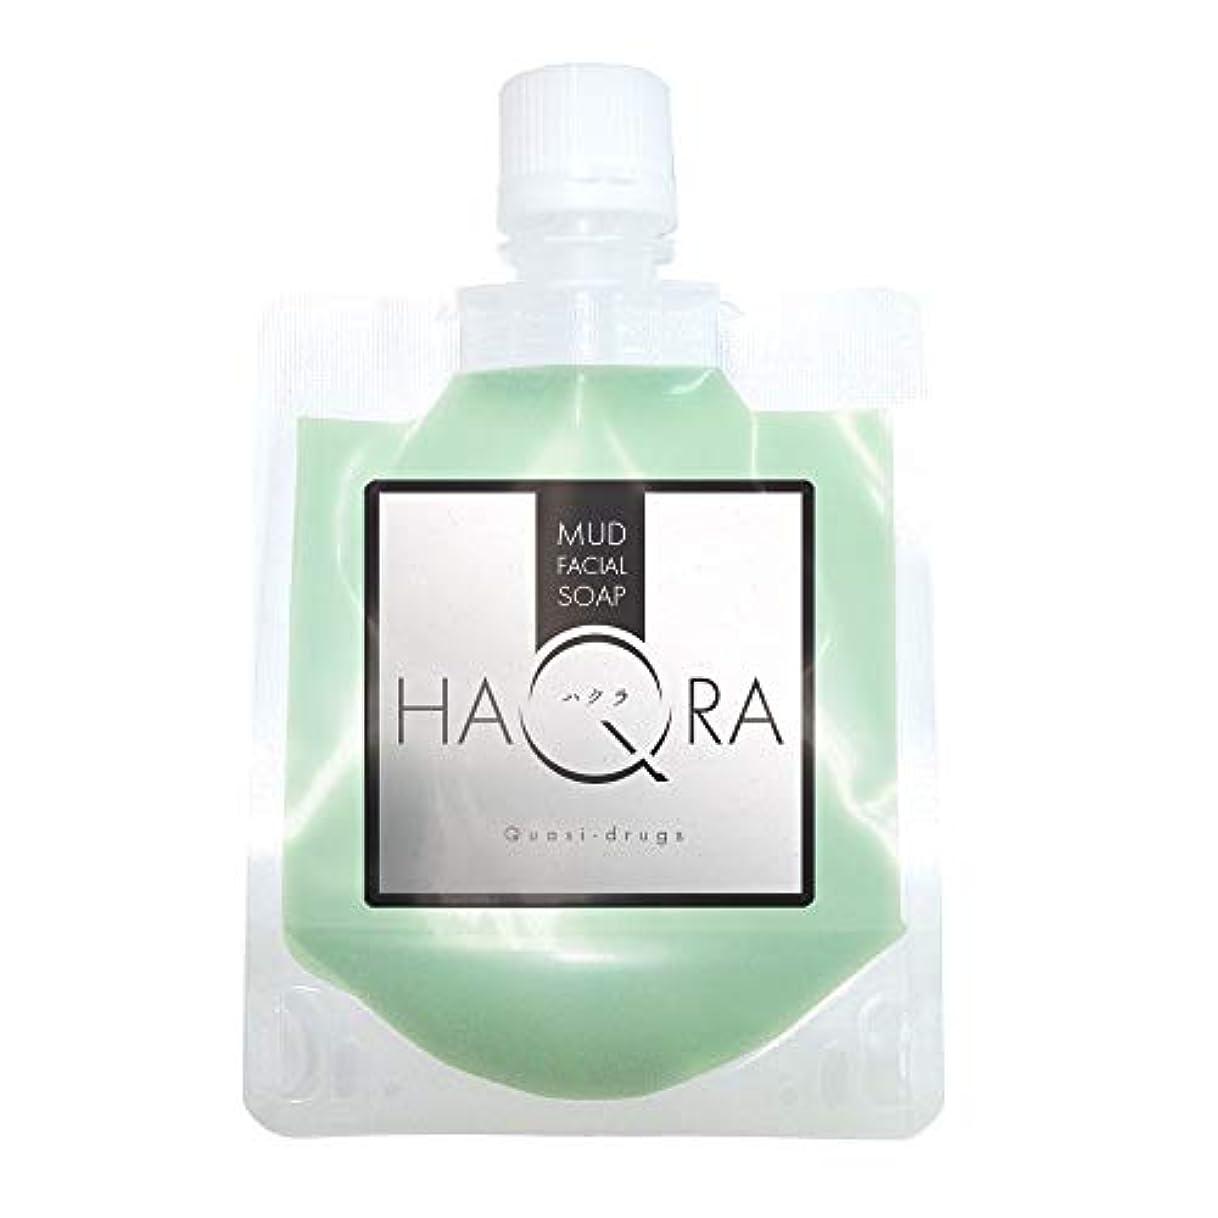 乗算ブーストエンティティハクラ HAQRA クレイ洗顔 泥洗顔 石鹸 石けん